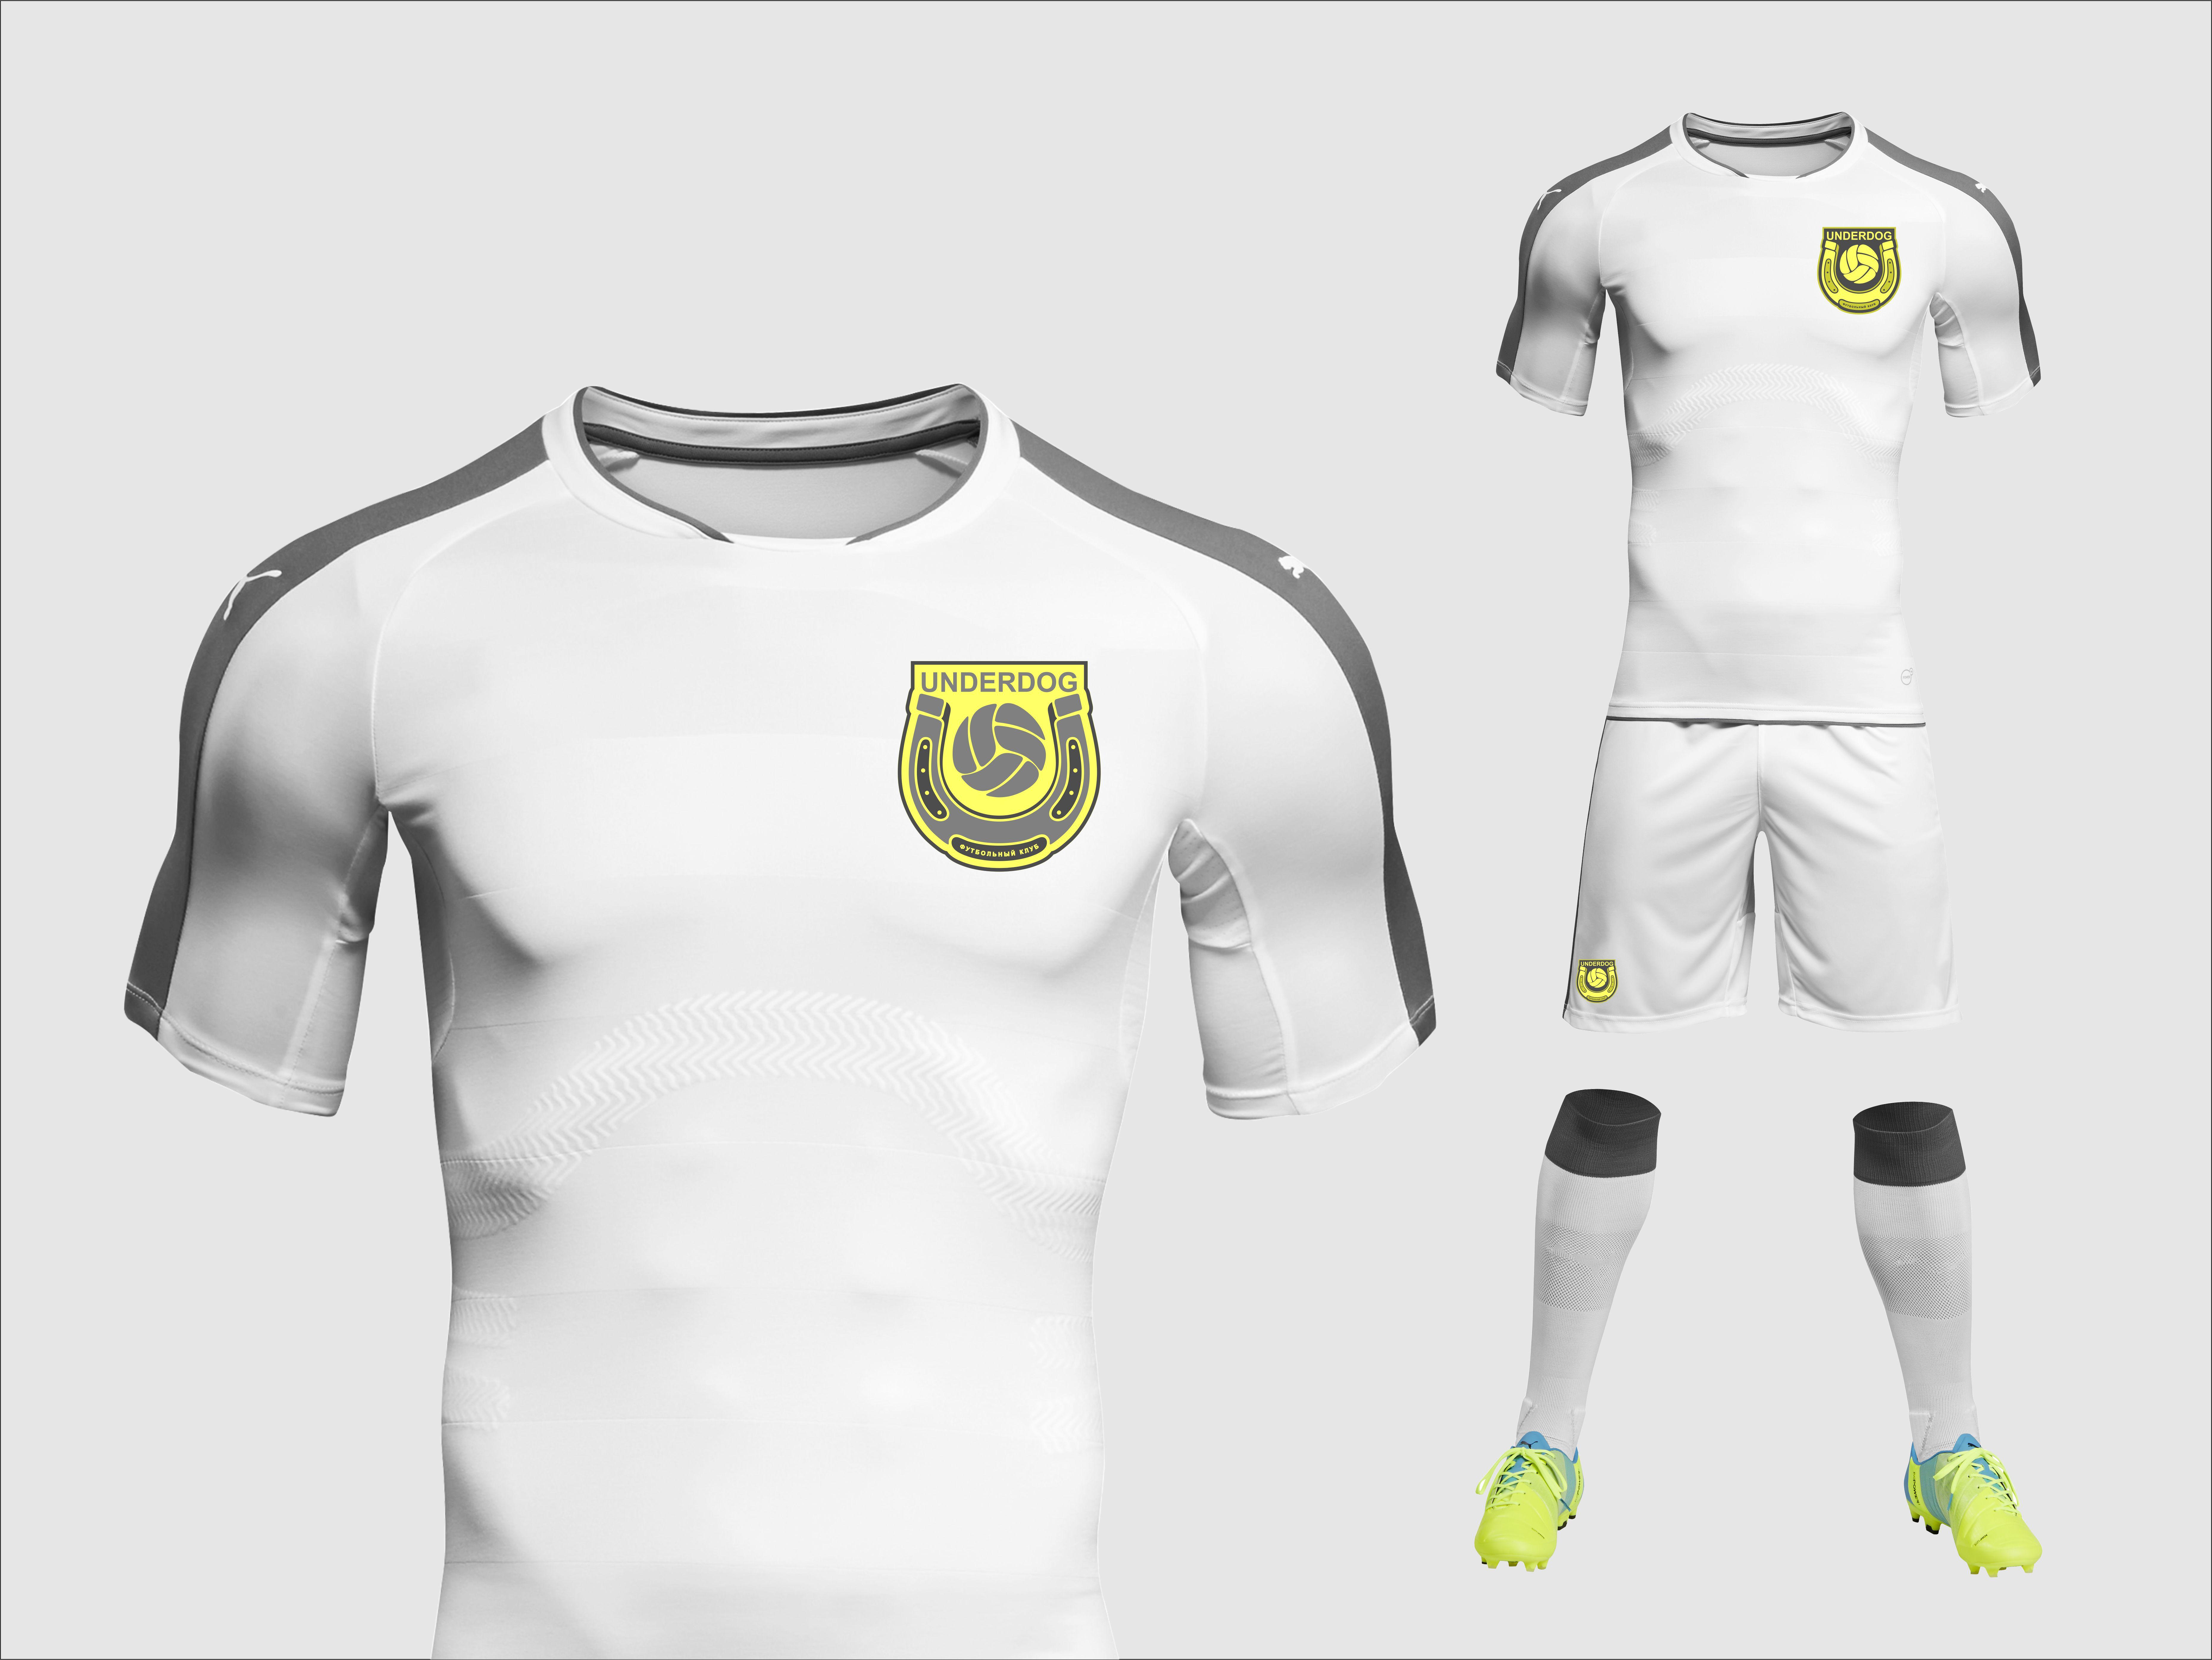 Футбольный клуб UNDERDOG - разработать фирстиль и бренд-бук фото f_4755cb0e84fedf86.jpg